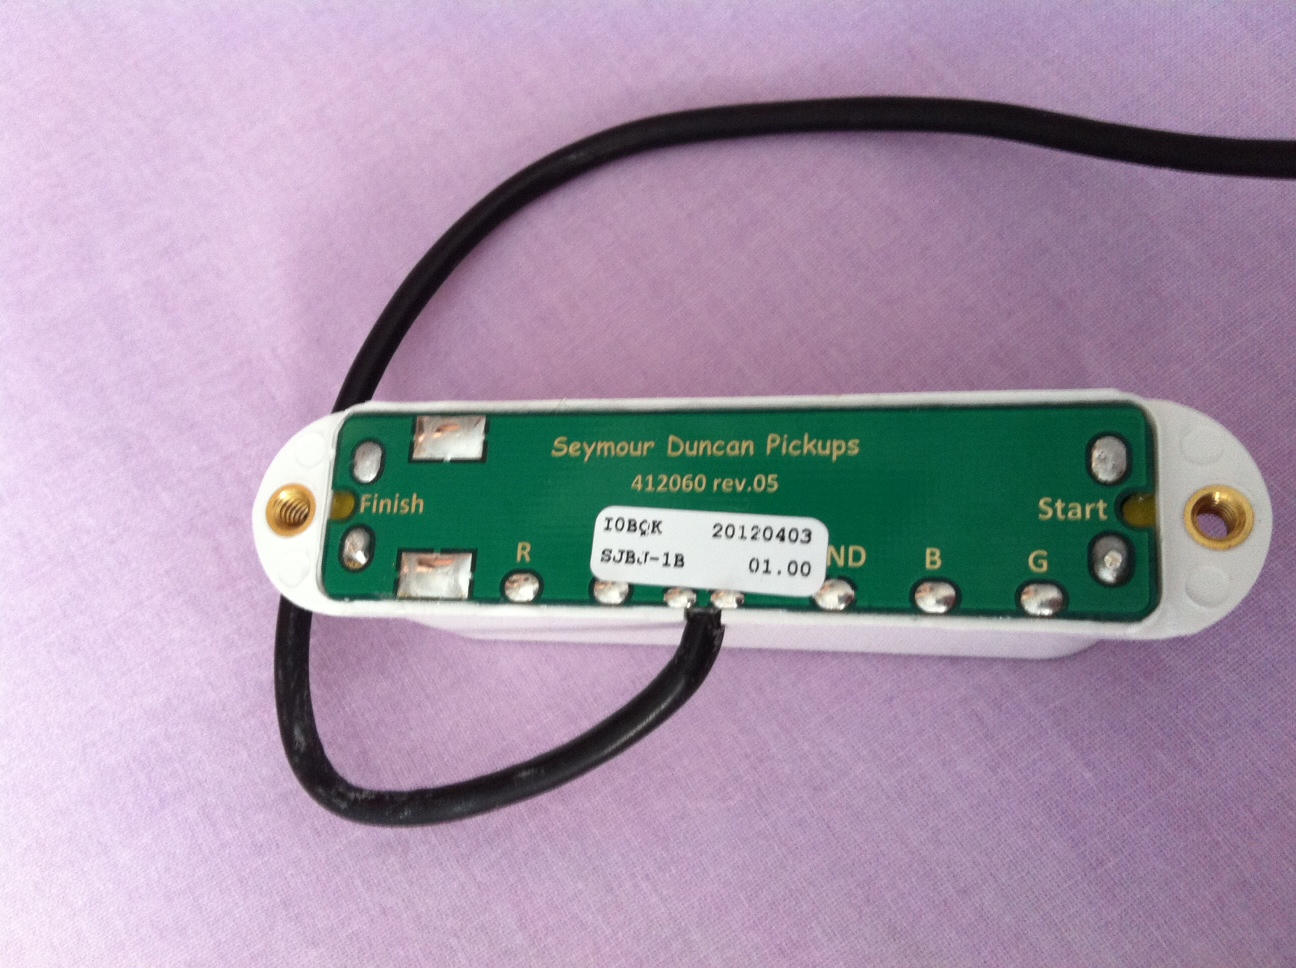 Seymour Duncan SJBJ-1B JB Jr. Bridge image (#450891) - Audiofanzine